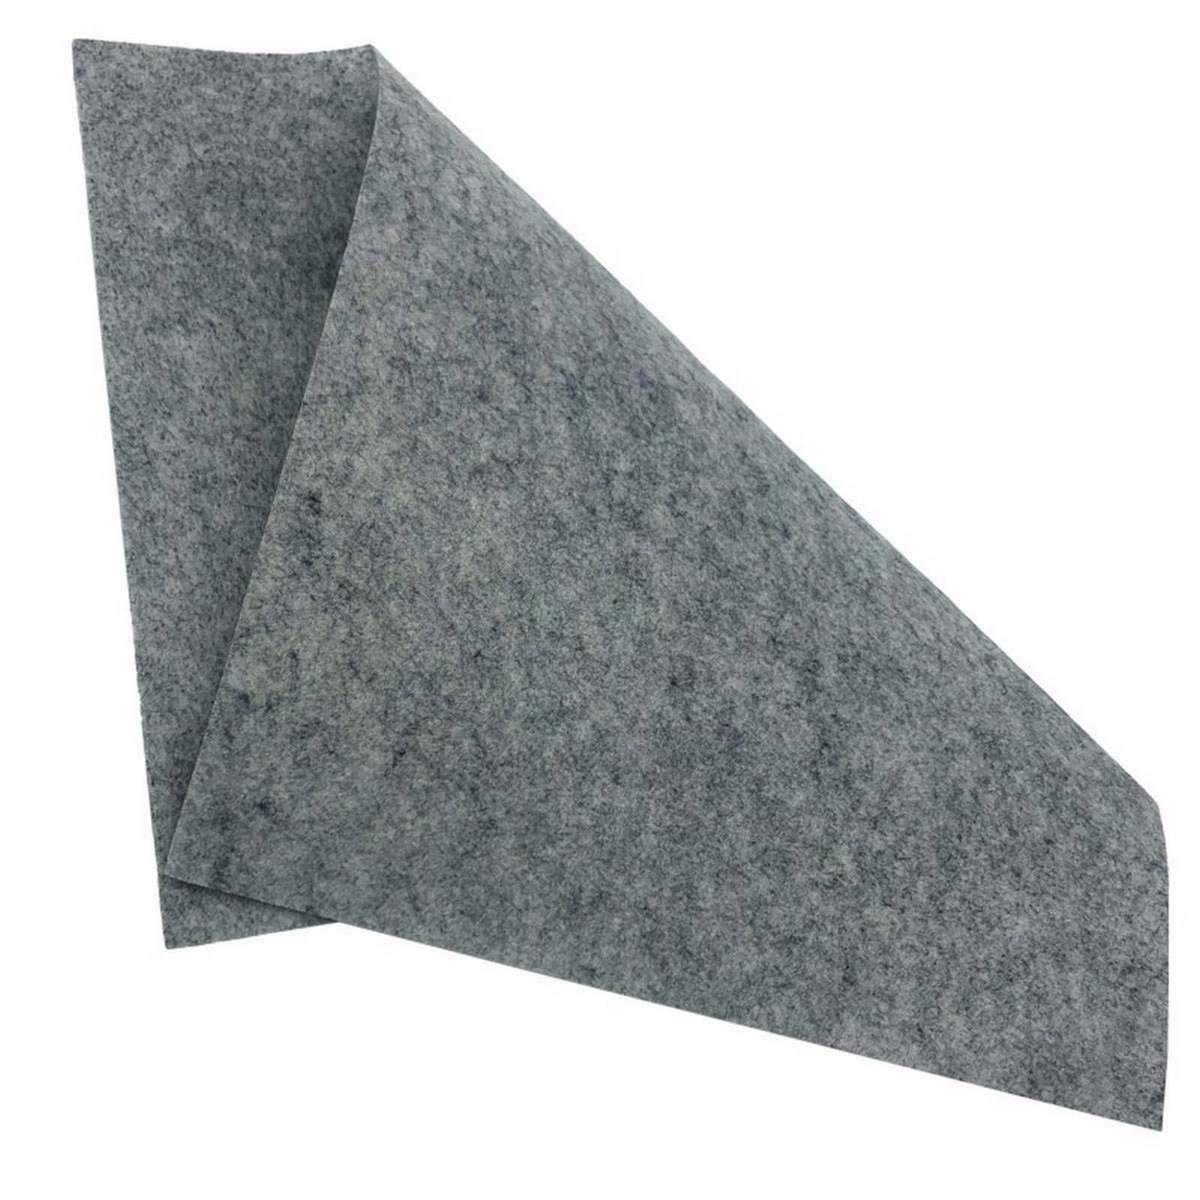 Nonwoven Felt Sheet Grey